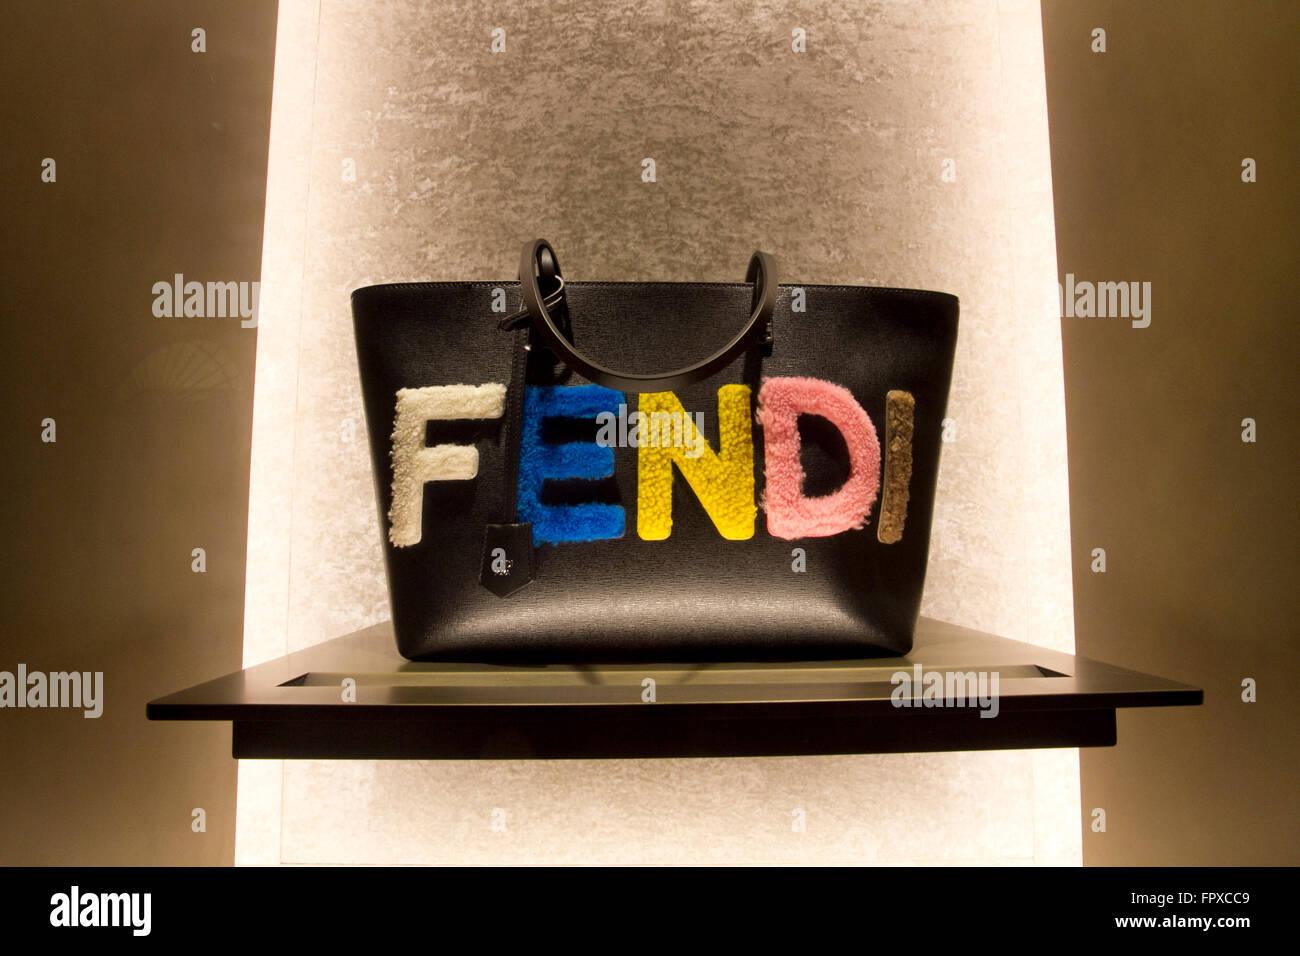 Fenêtre store sac de marque Fendi à Rome Italie, shopping mode luxe  fabriqué en Italie e4a40b9ac56